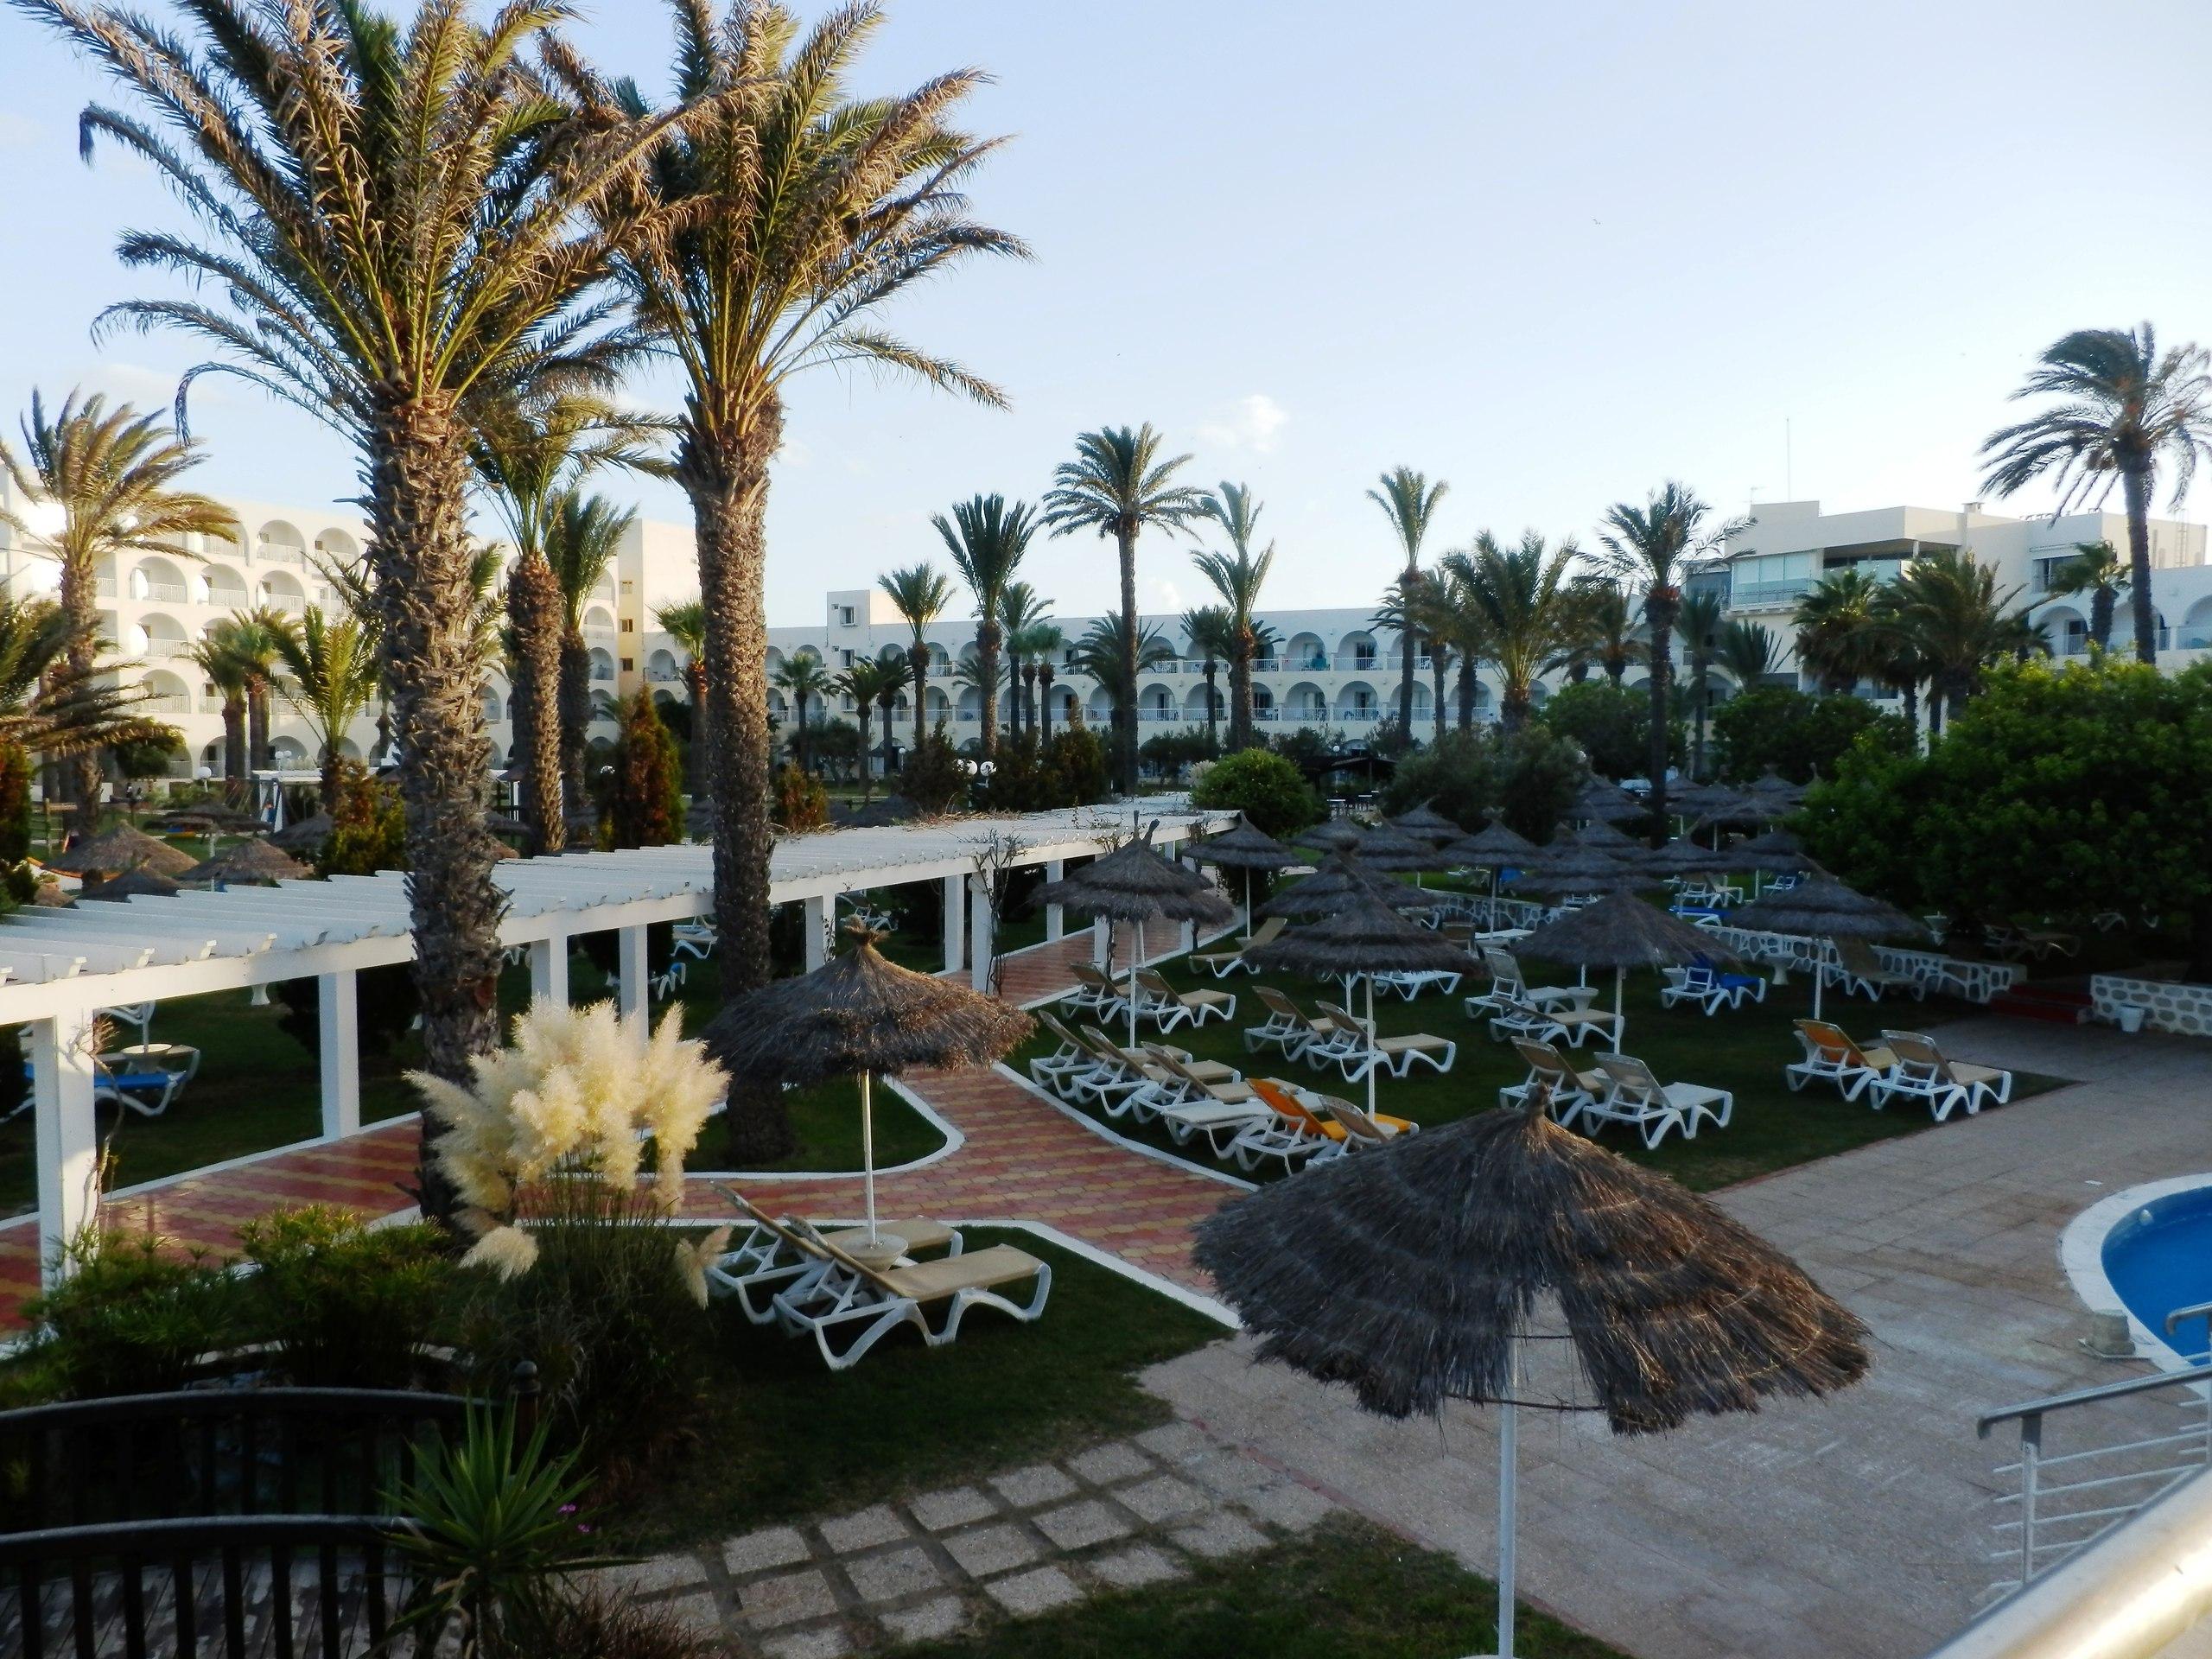 сегодня, дочка, тунис курорты описание фото отзывы памятников склепов выполнены